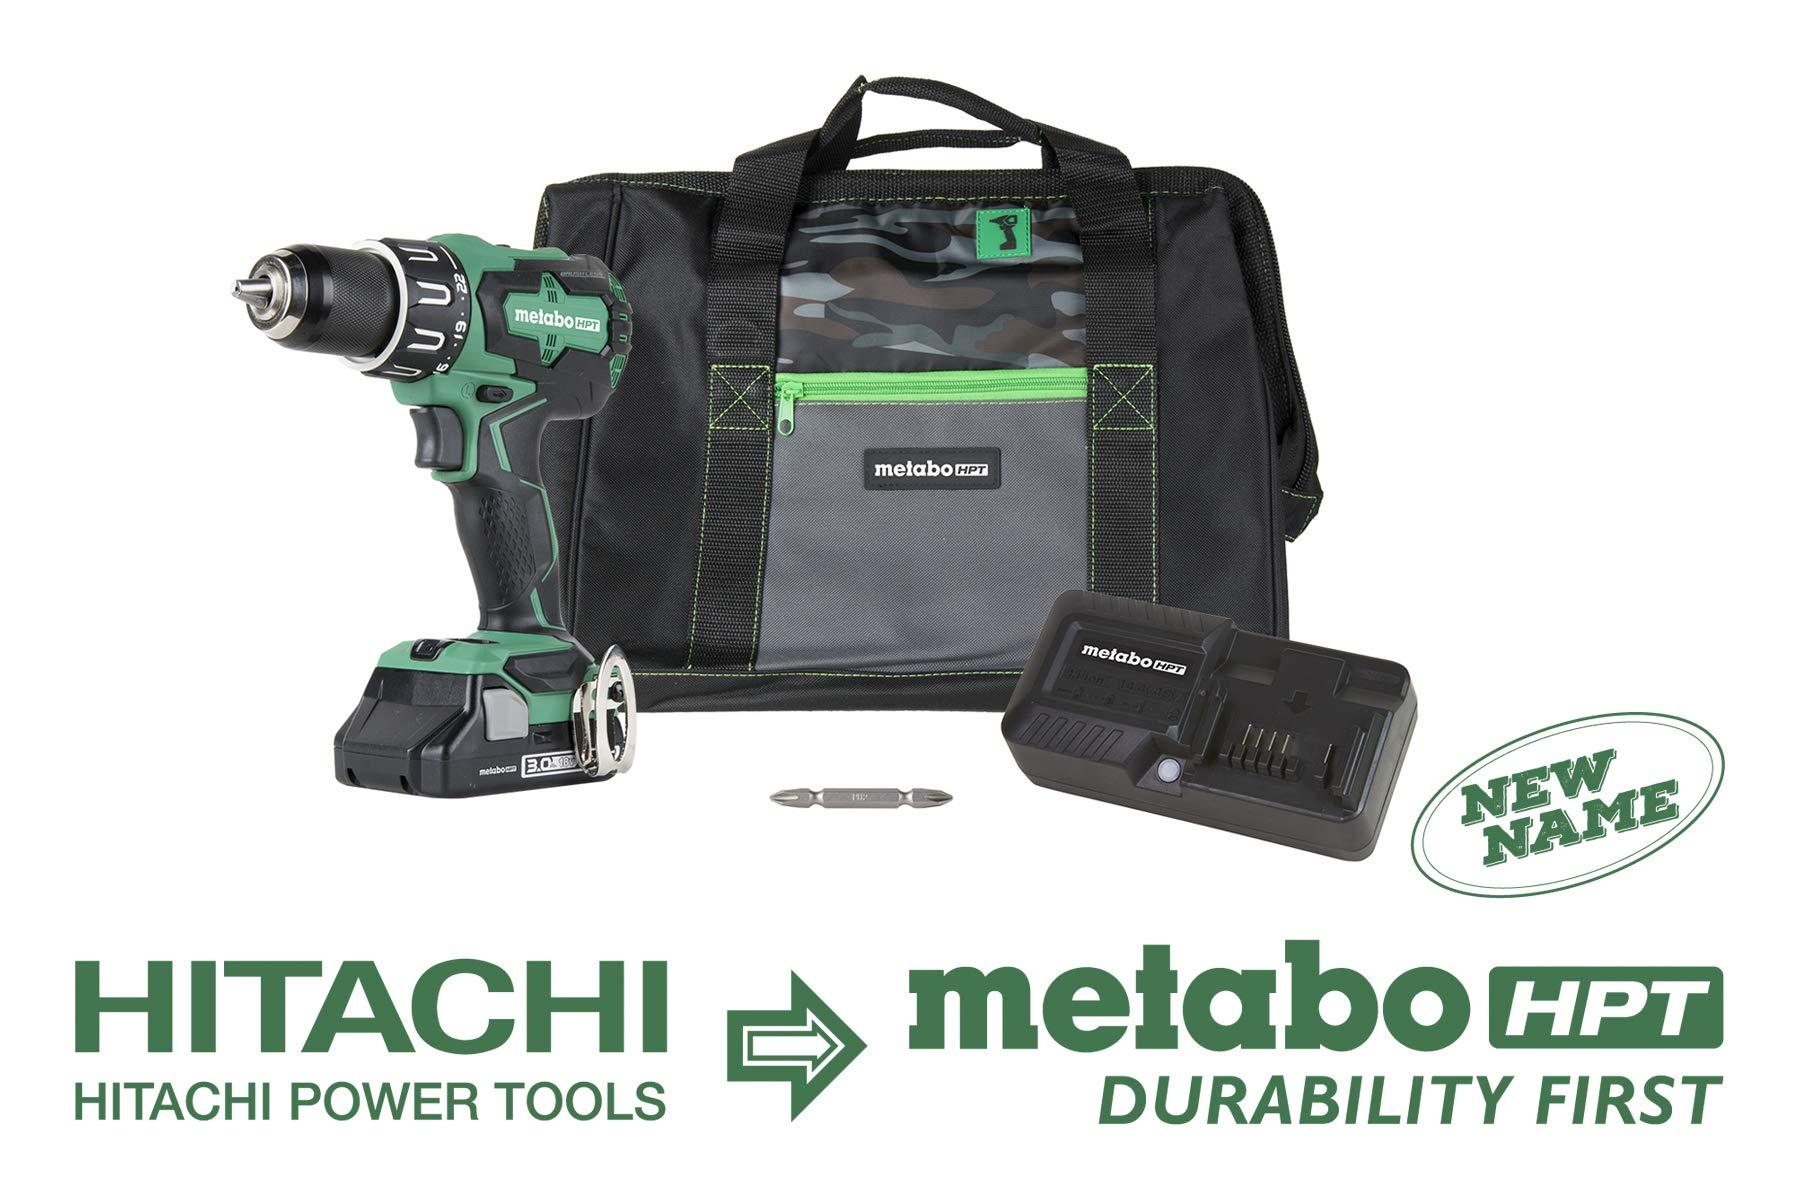 Metabo HPT DV18DBFL2S Brushless All Metal